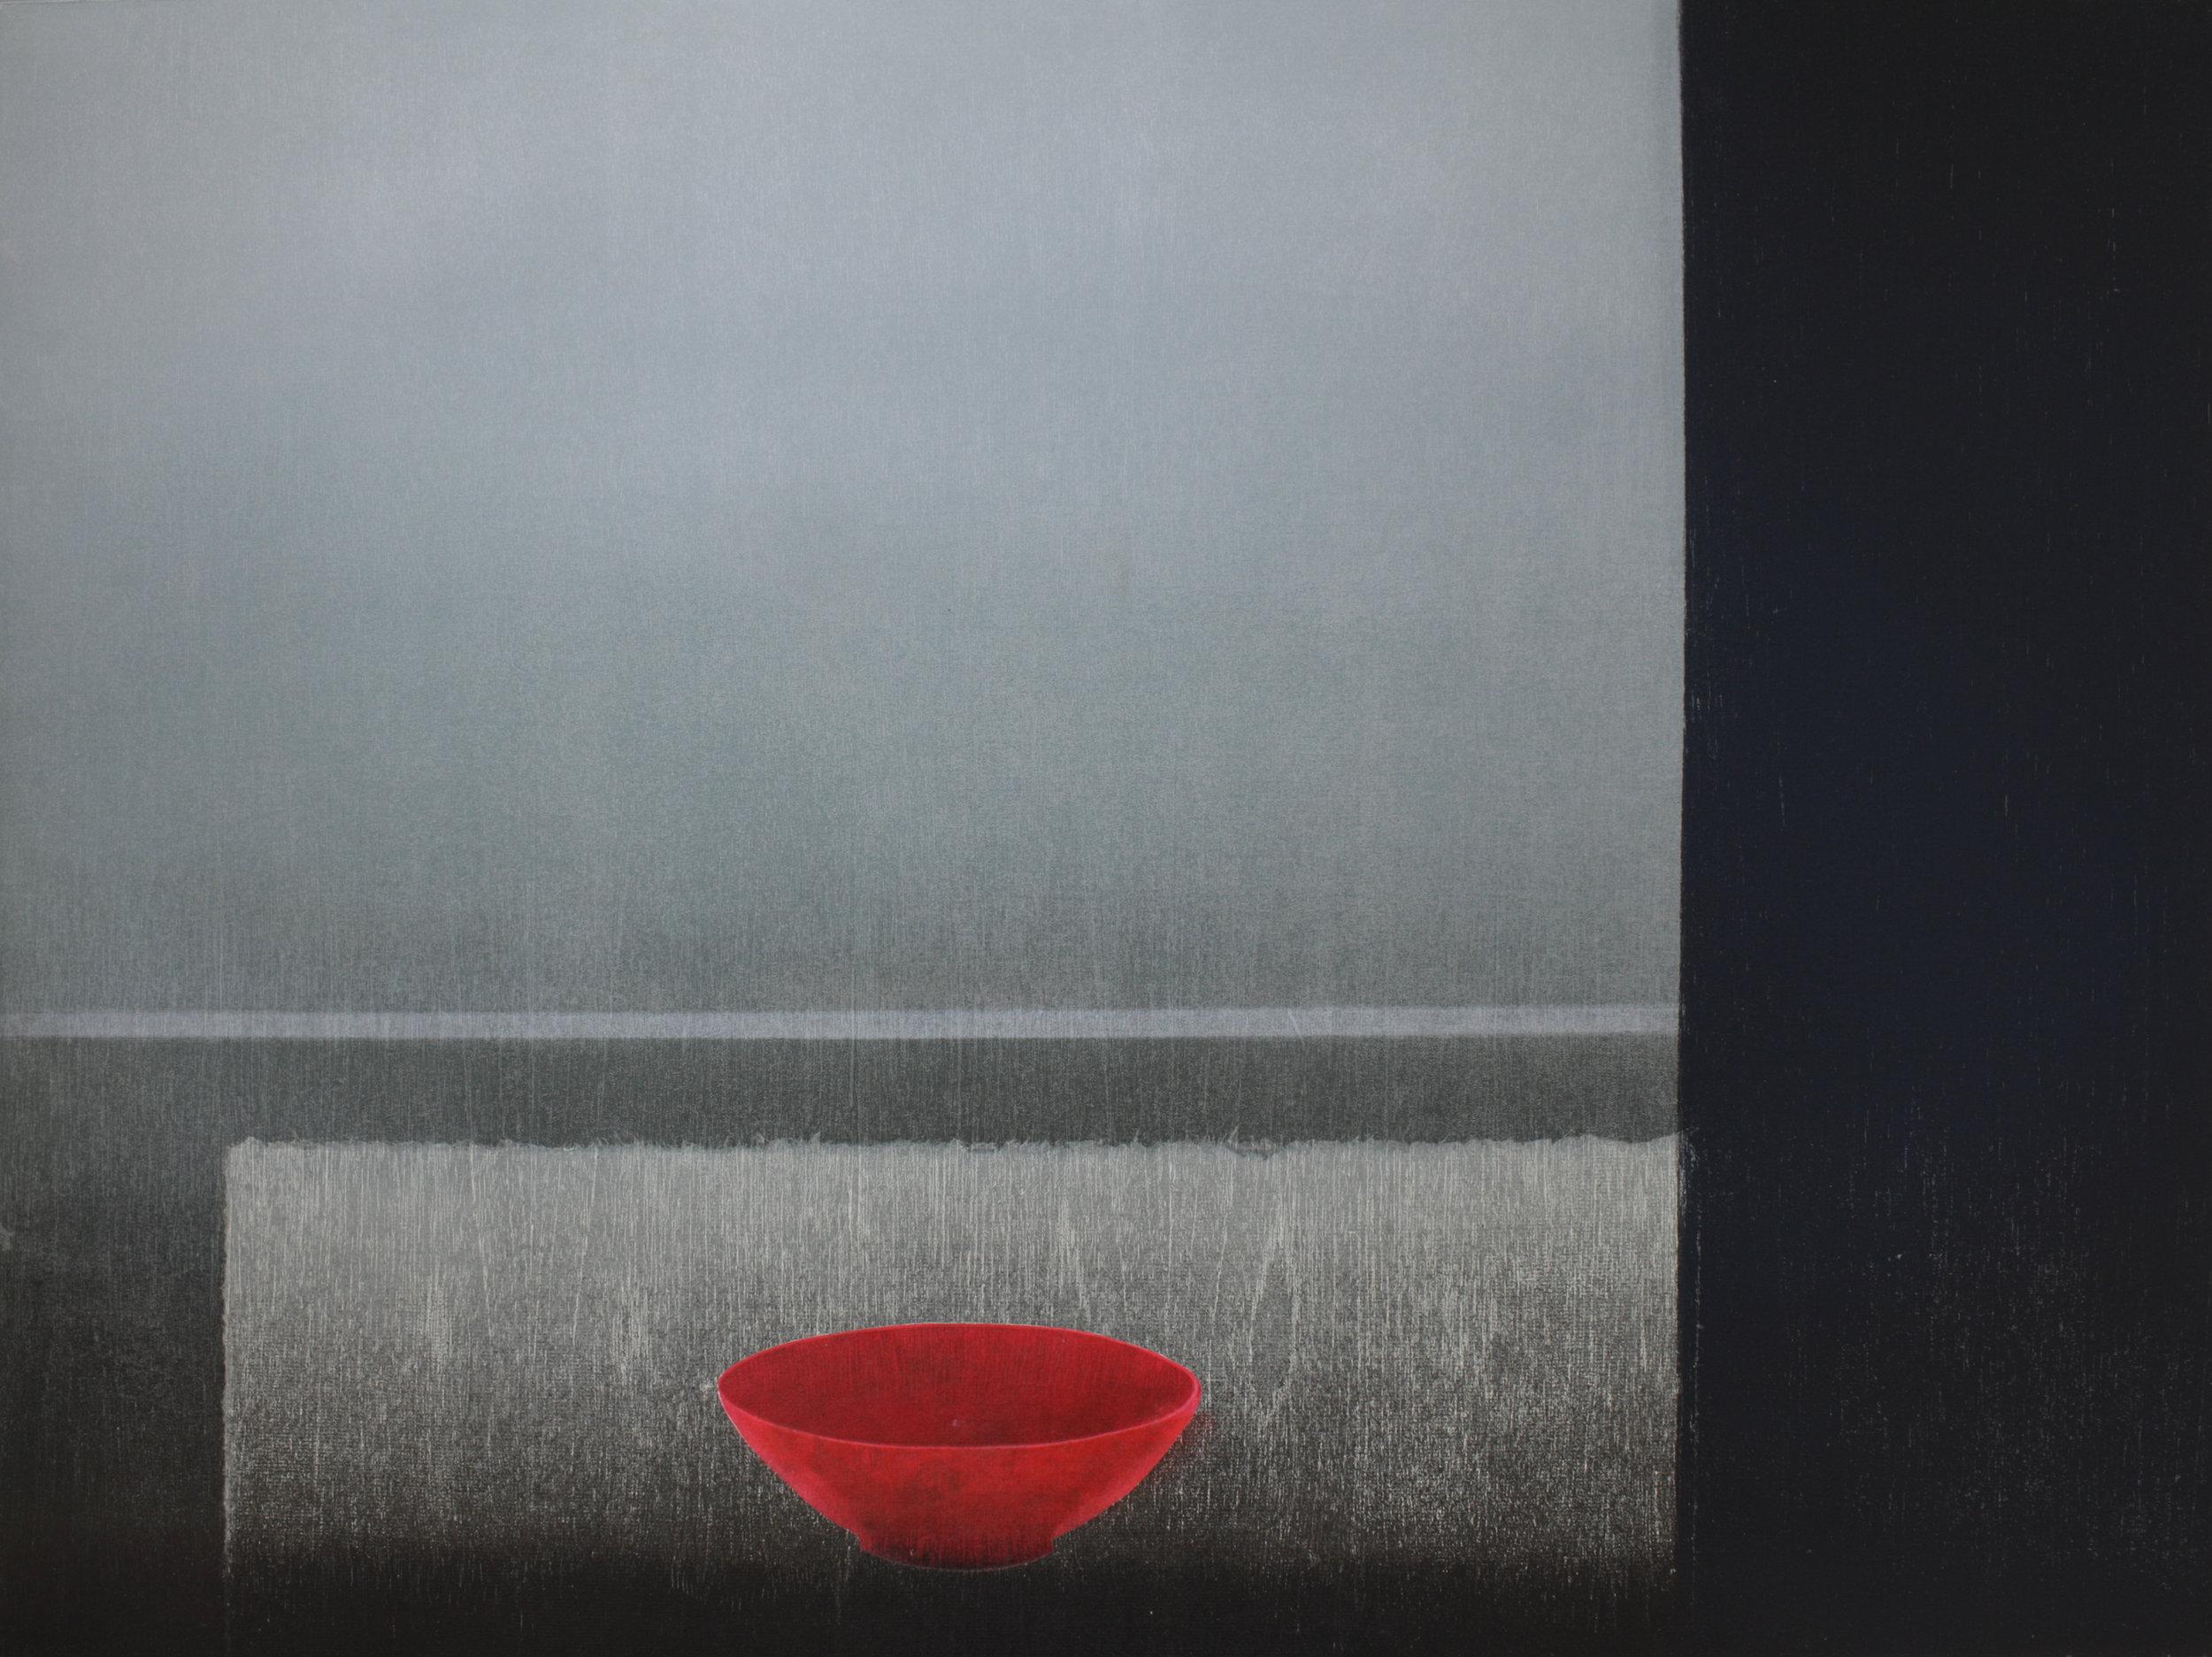 Praween PIANGCHOOMPU, Sanctuary Inside The Soul #26, 2017, Woodcut on Paper, 5 of 8, 60.5 x 80.5 cm, Affinity Art.jpg